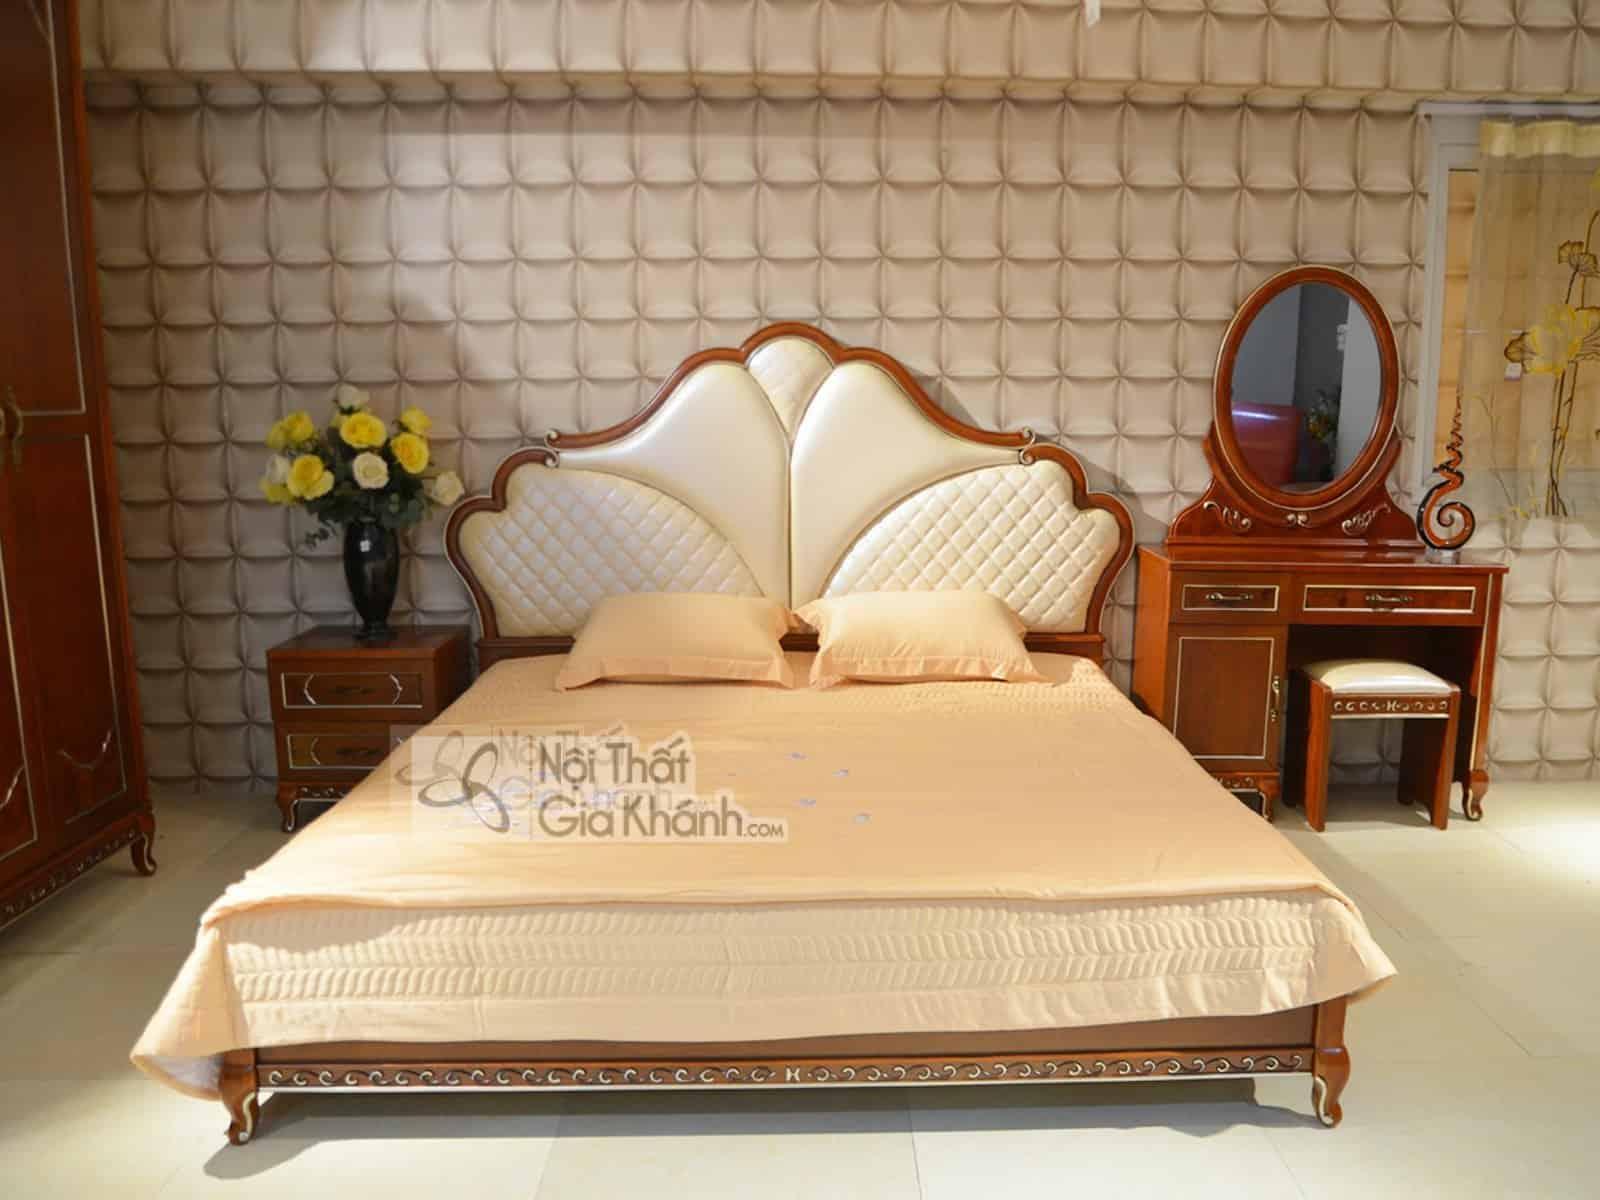 Mẫu giường ngủ 1m8 thiết kế đa năng, thông minh - mau giuong ngu 1m8 thiet ke da nang thong minh